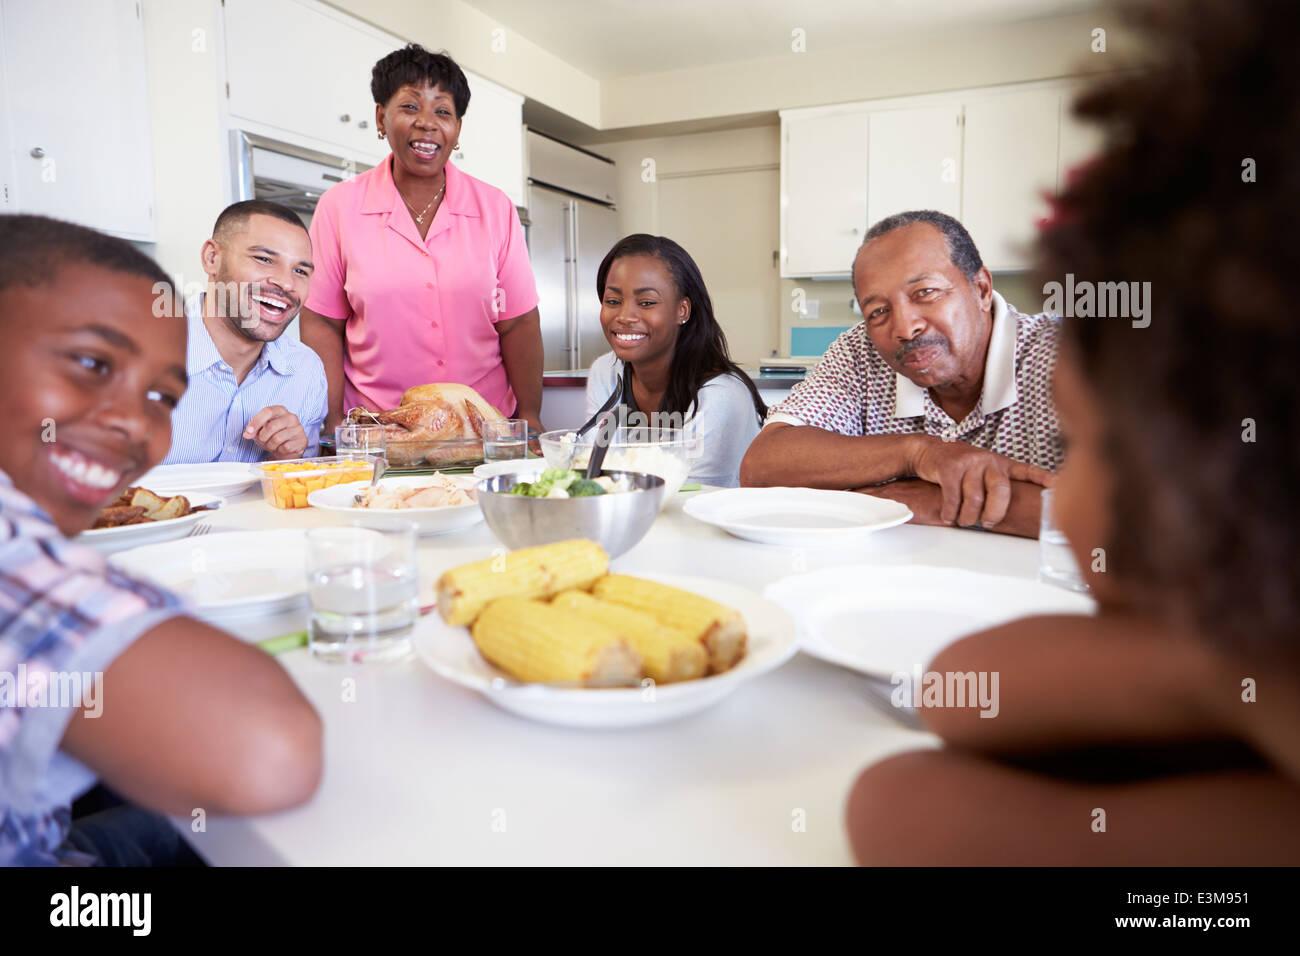 Portrait assis autour de Table Eating Meal Banque D'Images